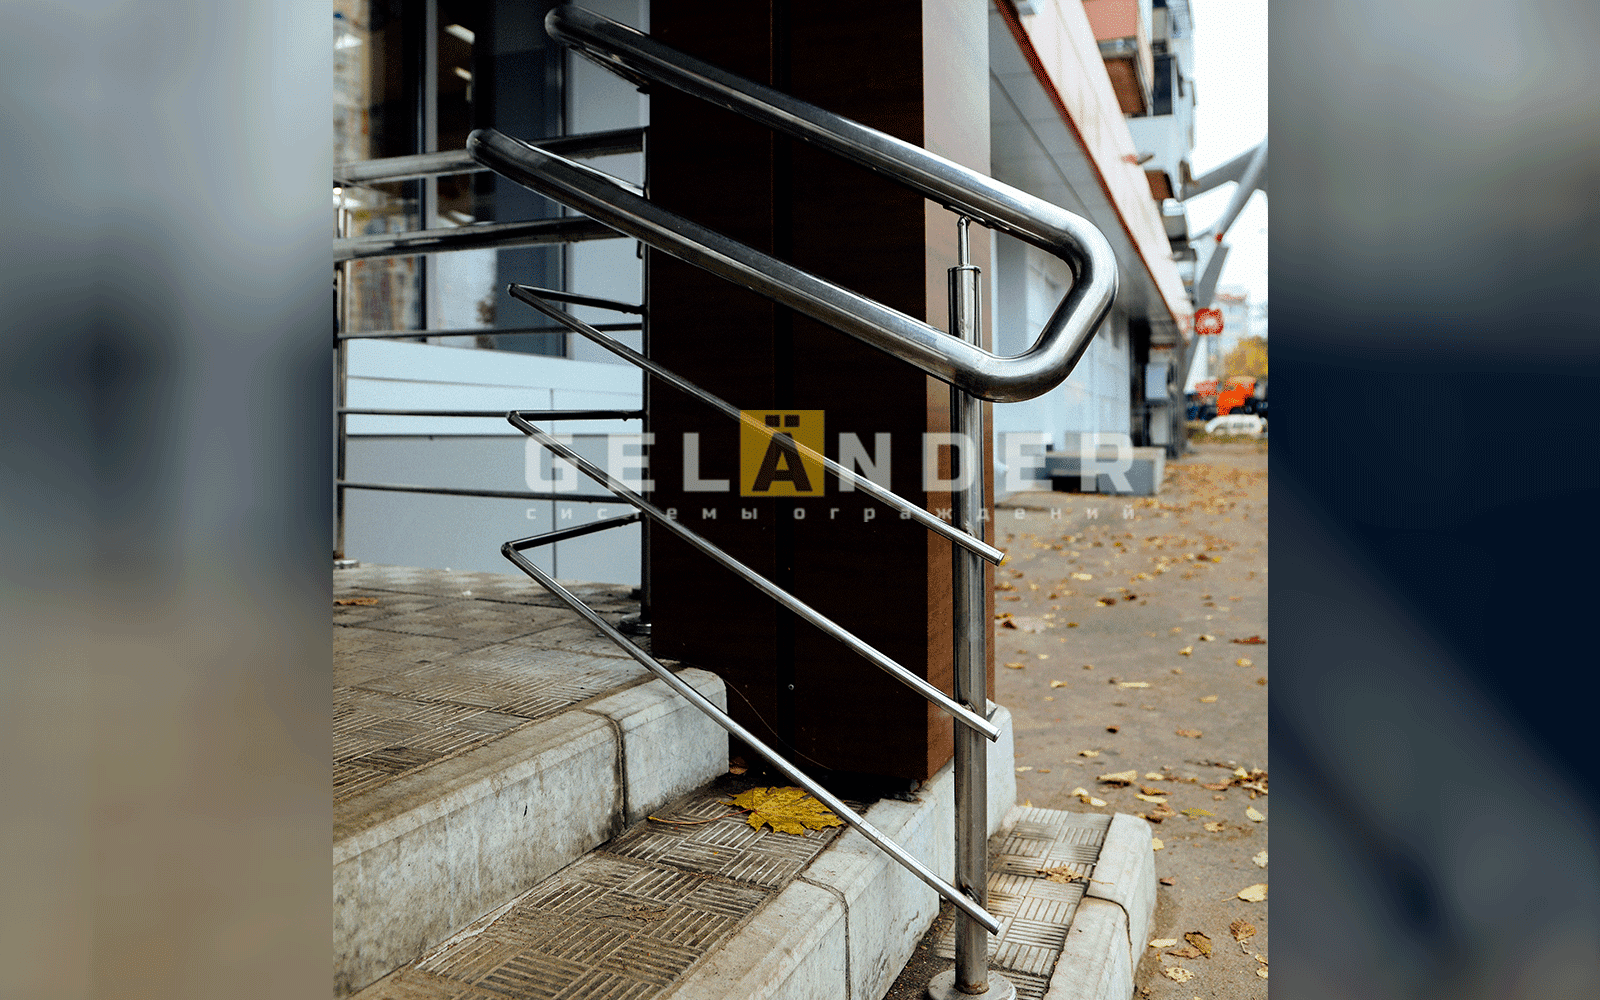 Сеть магазинов «Магнит» г. Орёл ограждений лестниц промсервис